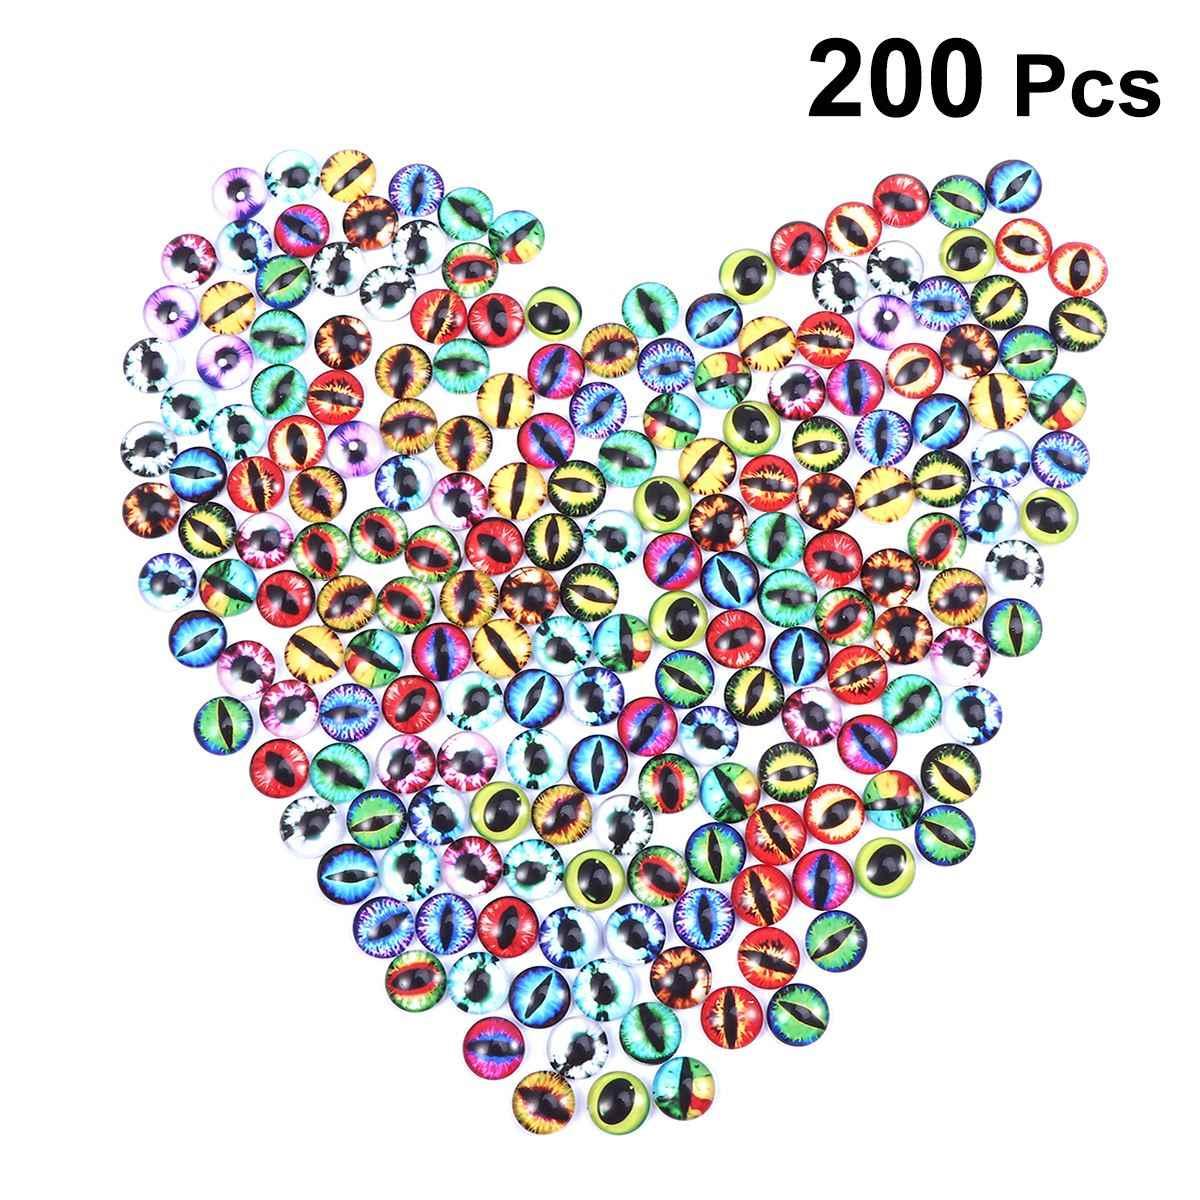 200 cái TỰ LÀM Khảm Kính Hoán Đổi Cho Nhau Tinh Thể Thủy Tinh Rồng Mắt Đa Màu Sắc Nút Snaps Cabochon cho Vòng Đeo Tay Làm